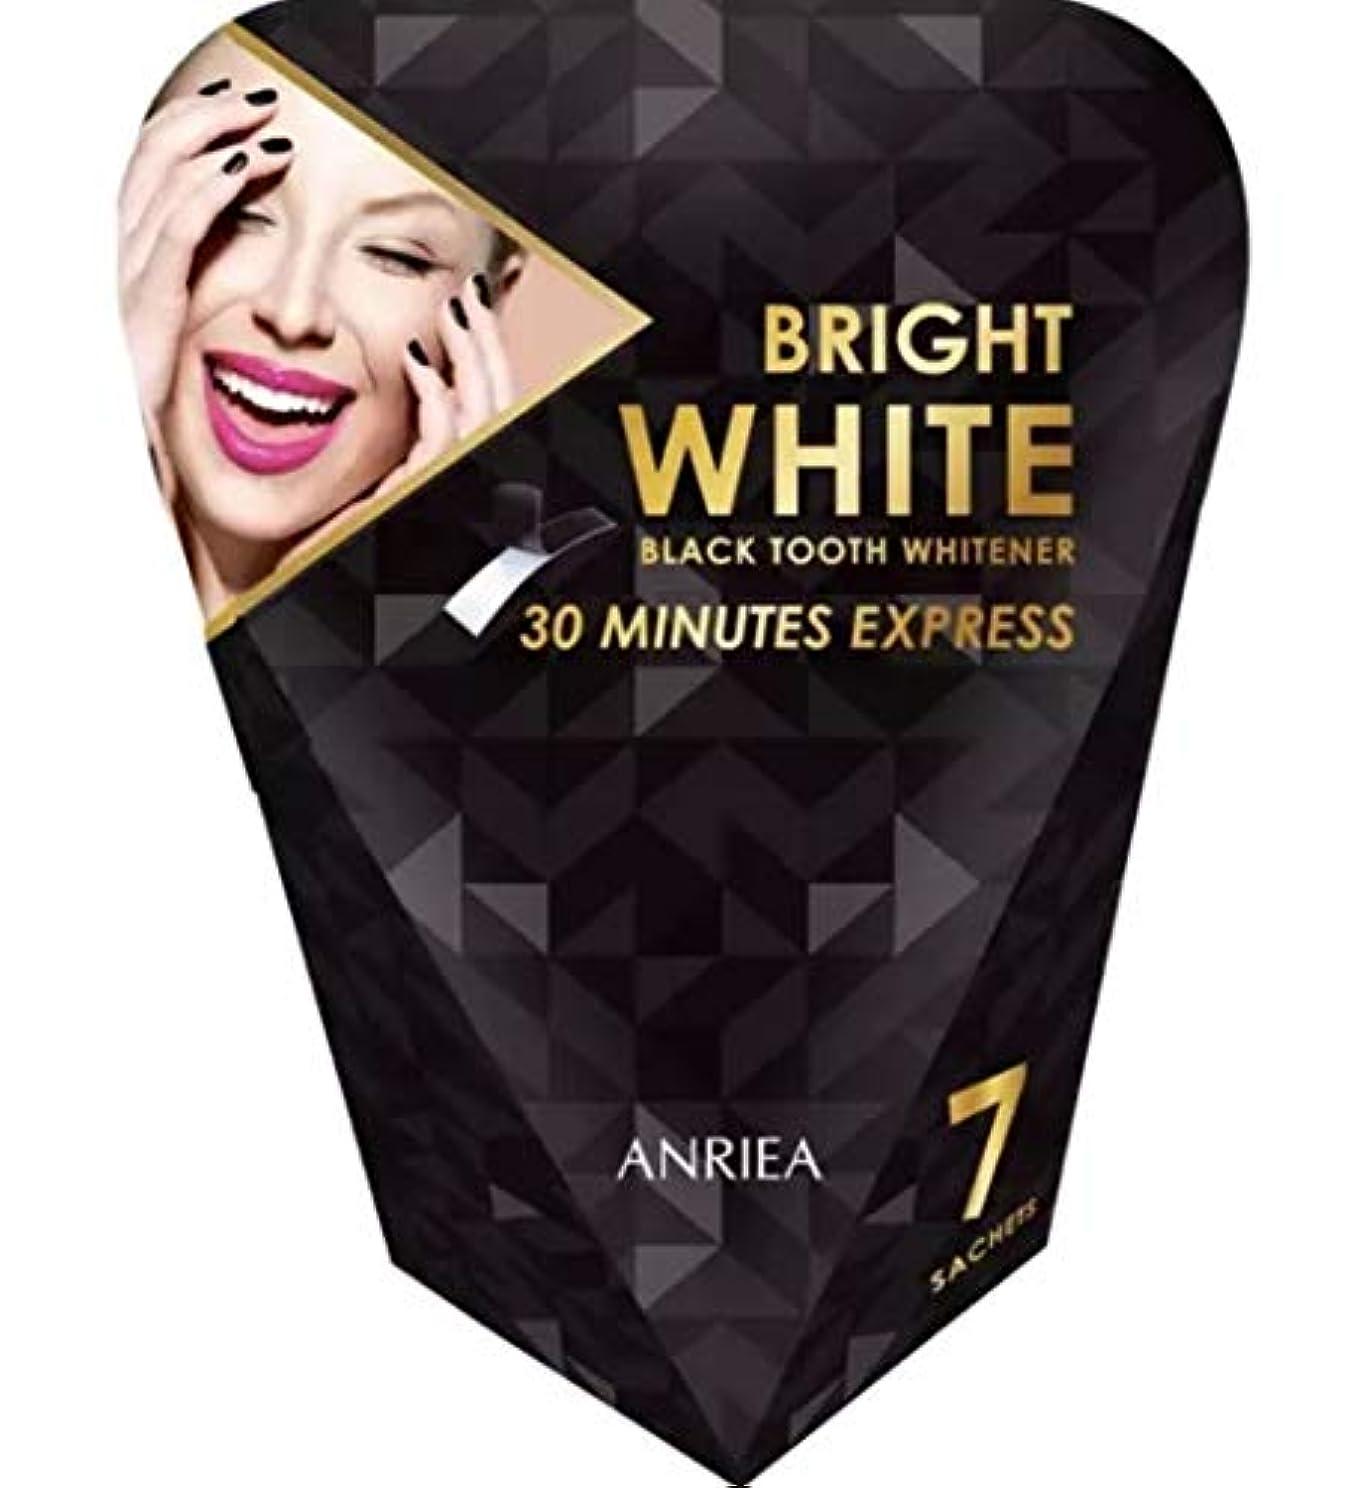 封建プライム確実Anriea 3d white teeth Whitestrips Professional effect ANRIEA 3D ホワイトストリッププロフェッショナルエフェクト